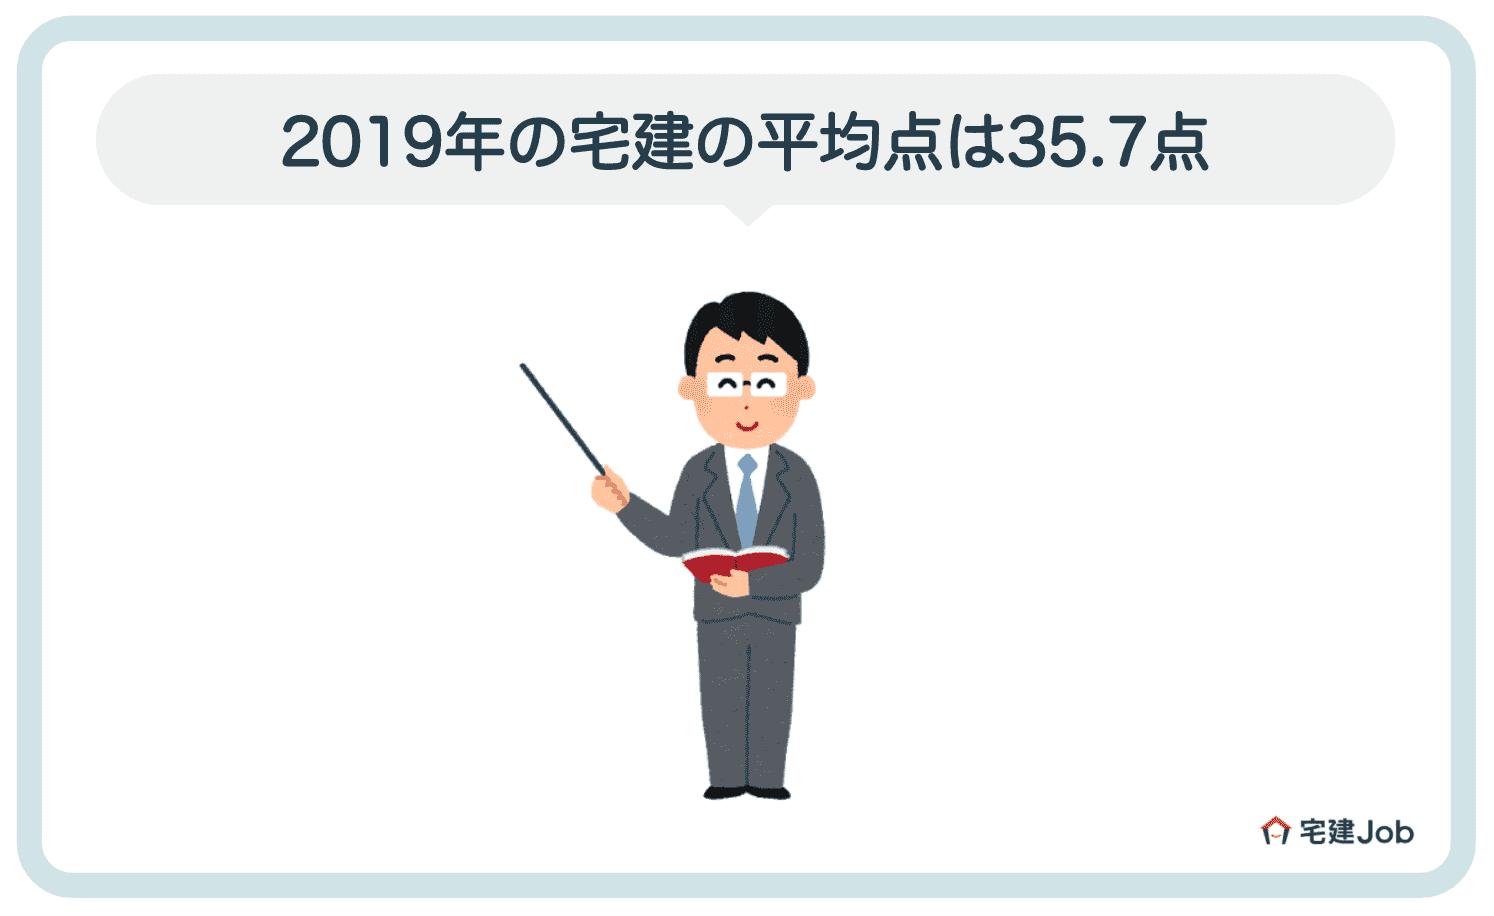 1.2019年(令和1年度)宅建試験の平均点は35.7点【TAC発表】